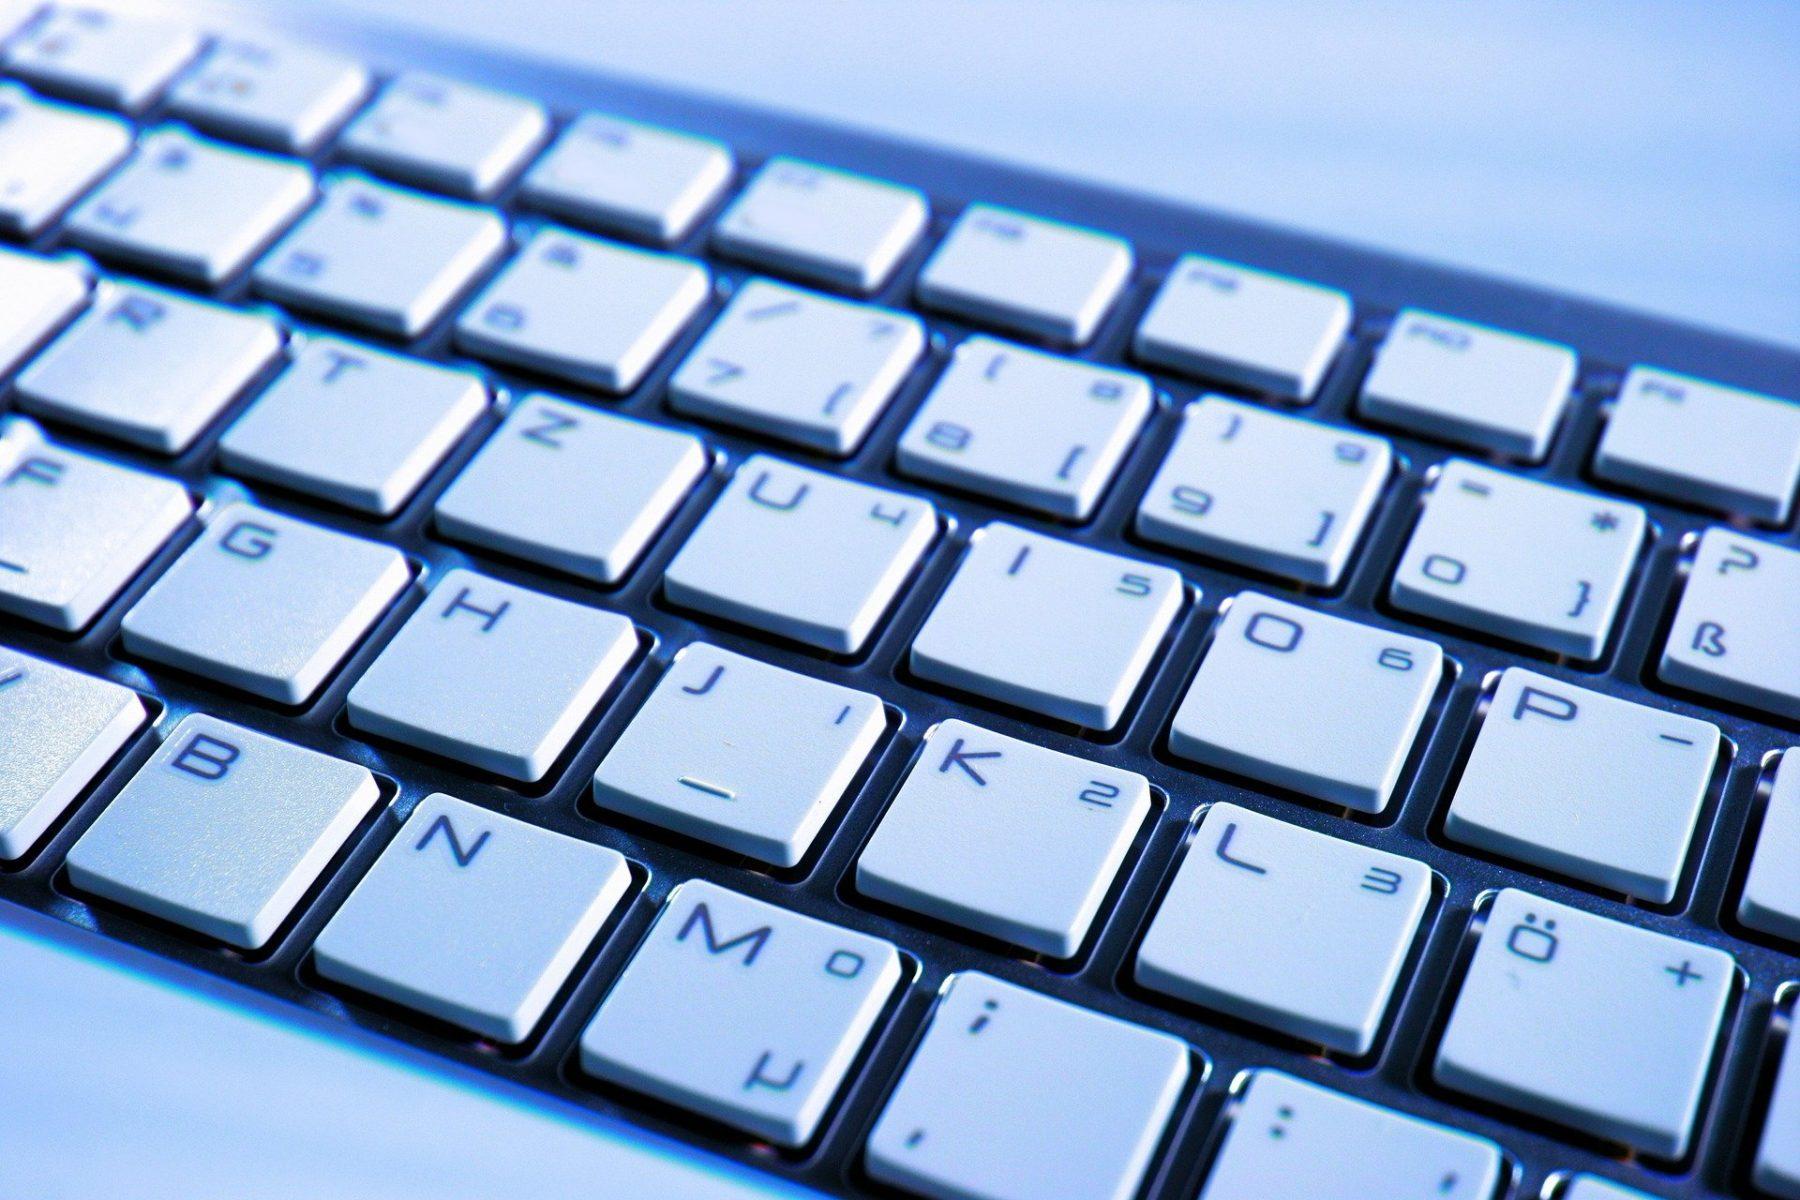 Unternehmen werben viral durch gelungene Social-Media-Inhalte